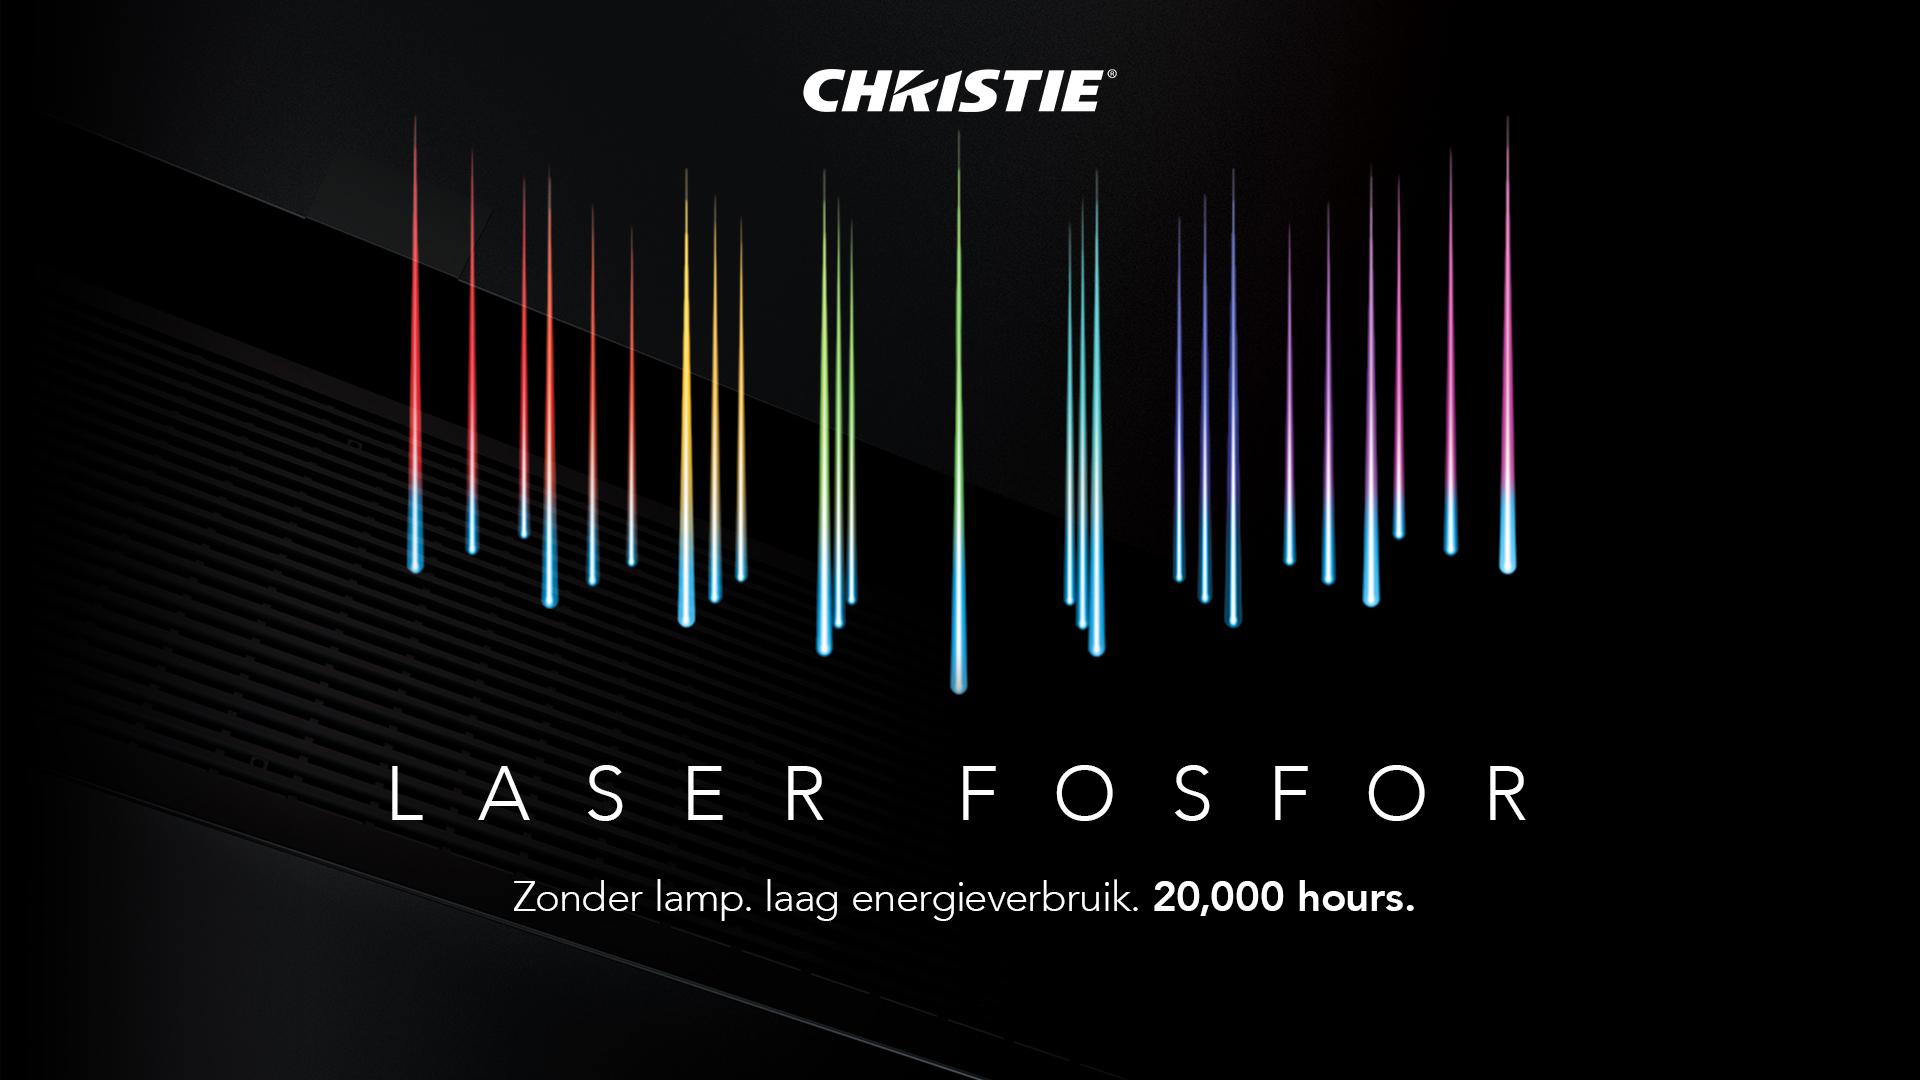 Christie Laserfosfor